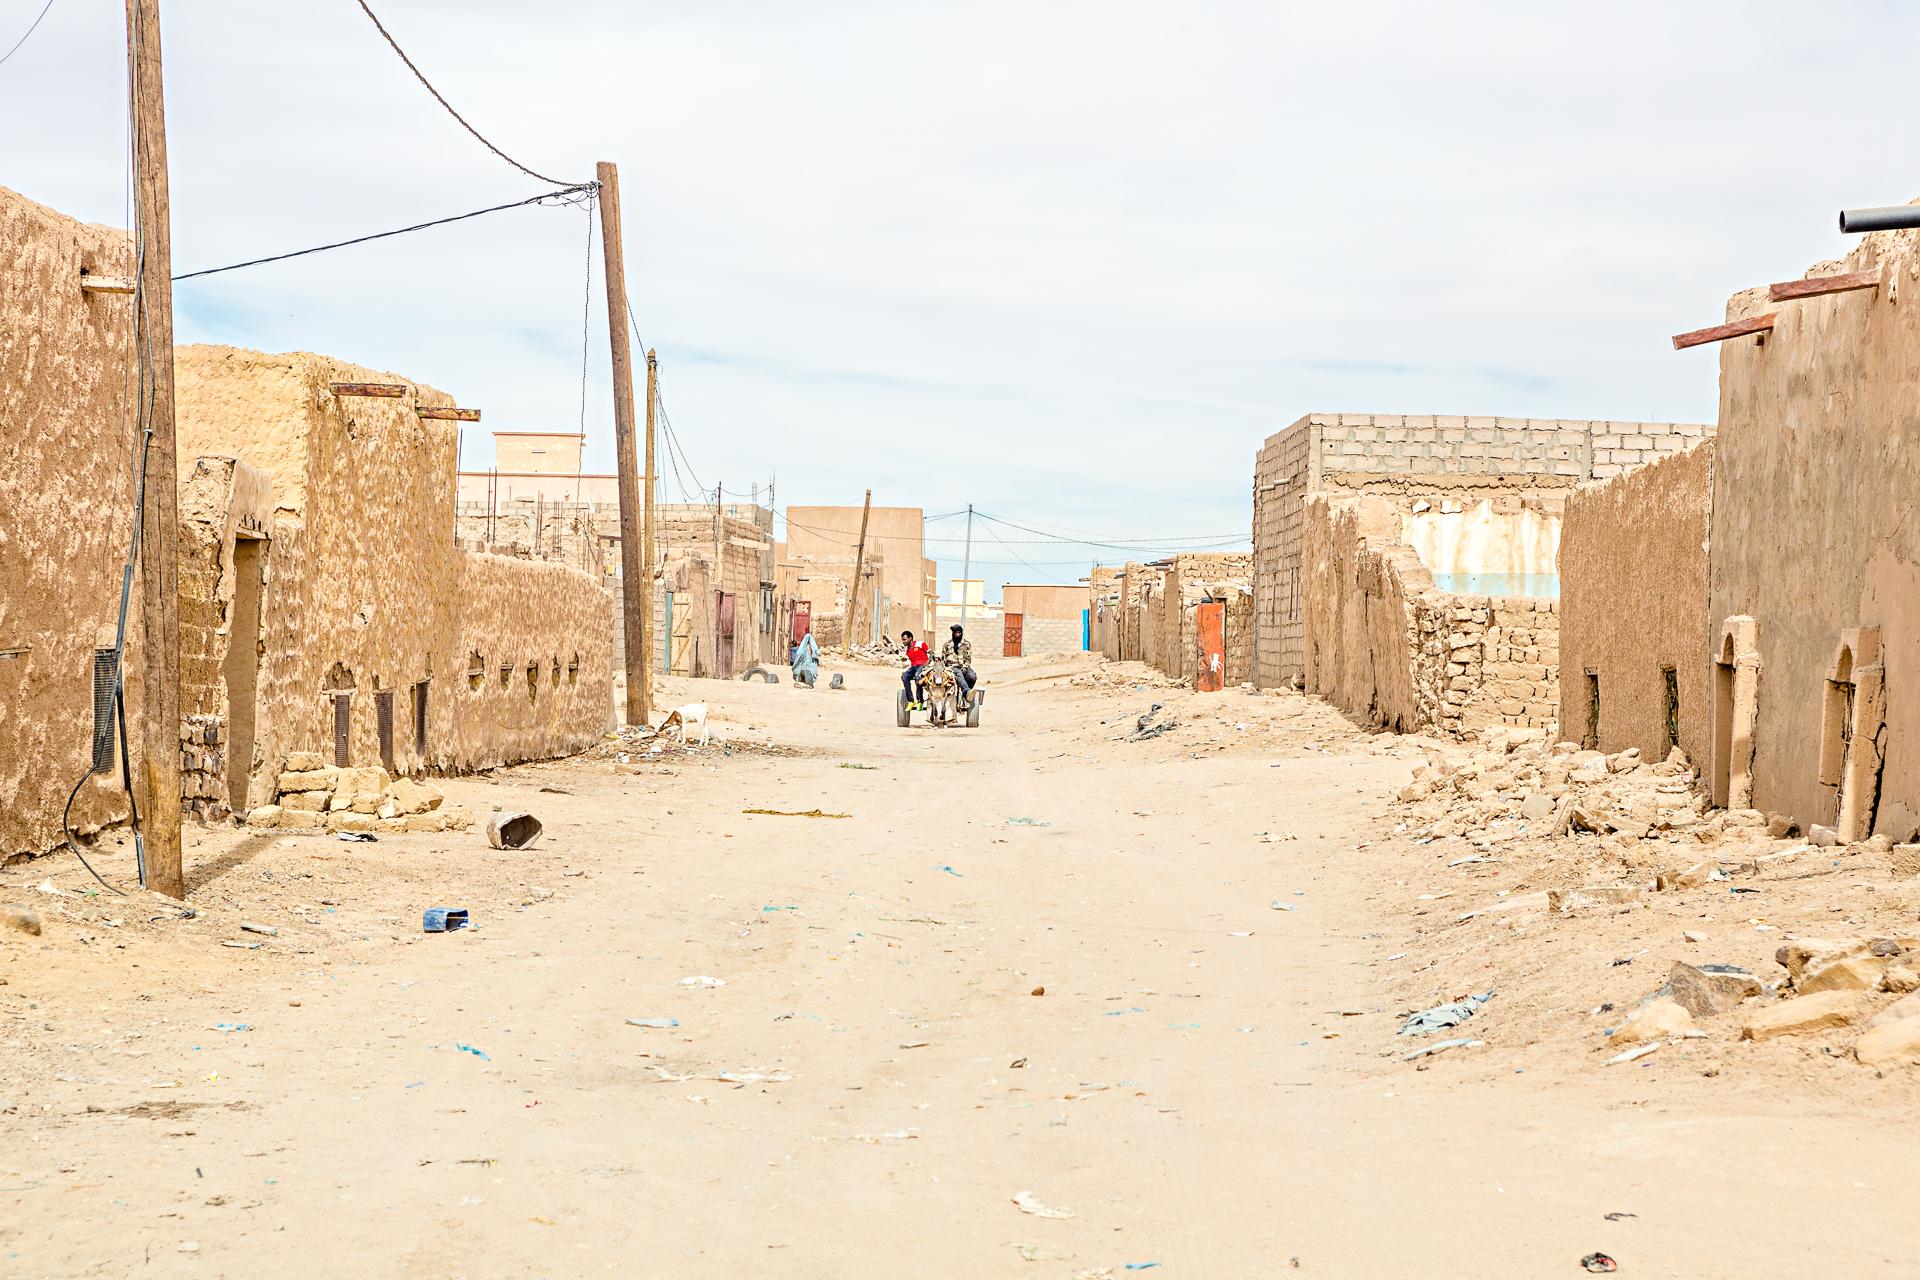 Atar en Mauritanie